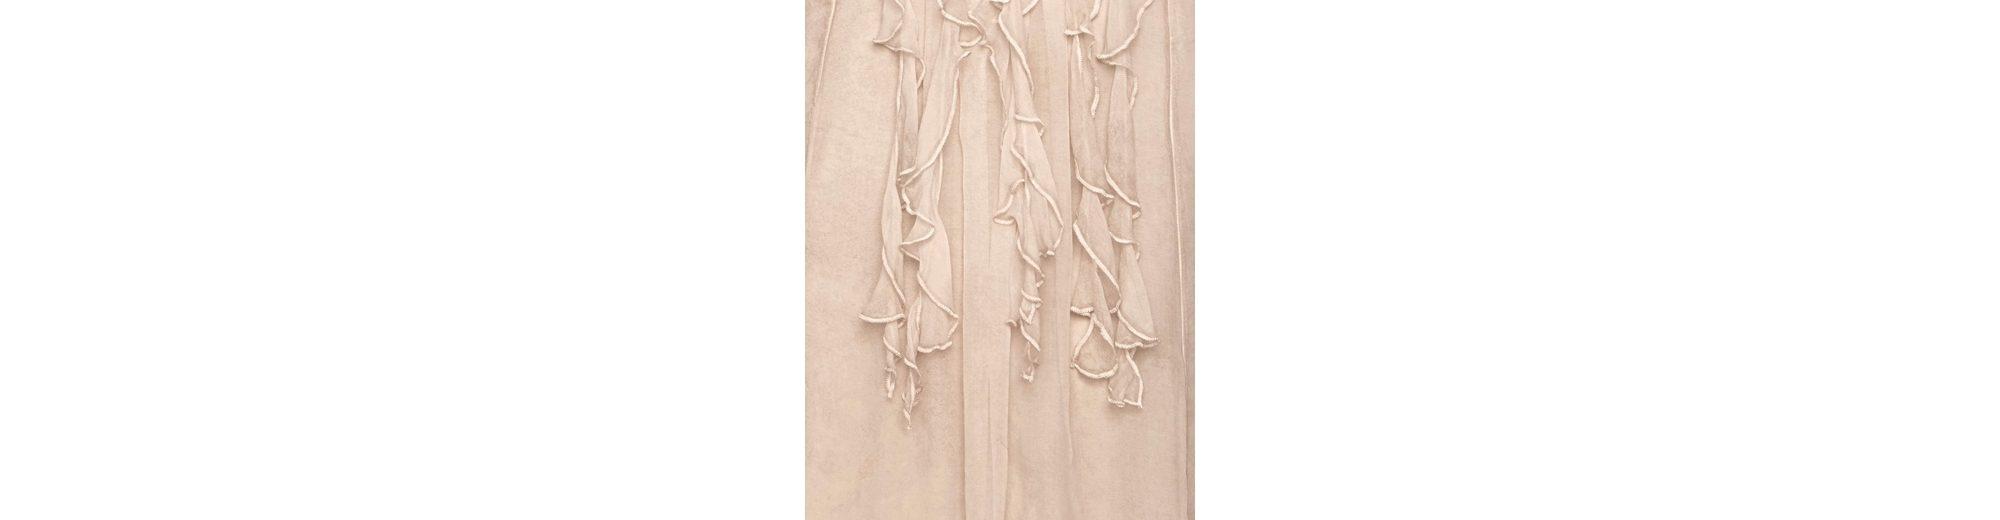 RUBINA STONES Longbluse aus Seide Footlocker Abbildungen Günstig Online RWHtKcwnmY